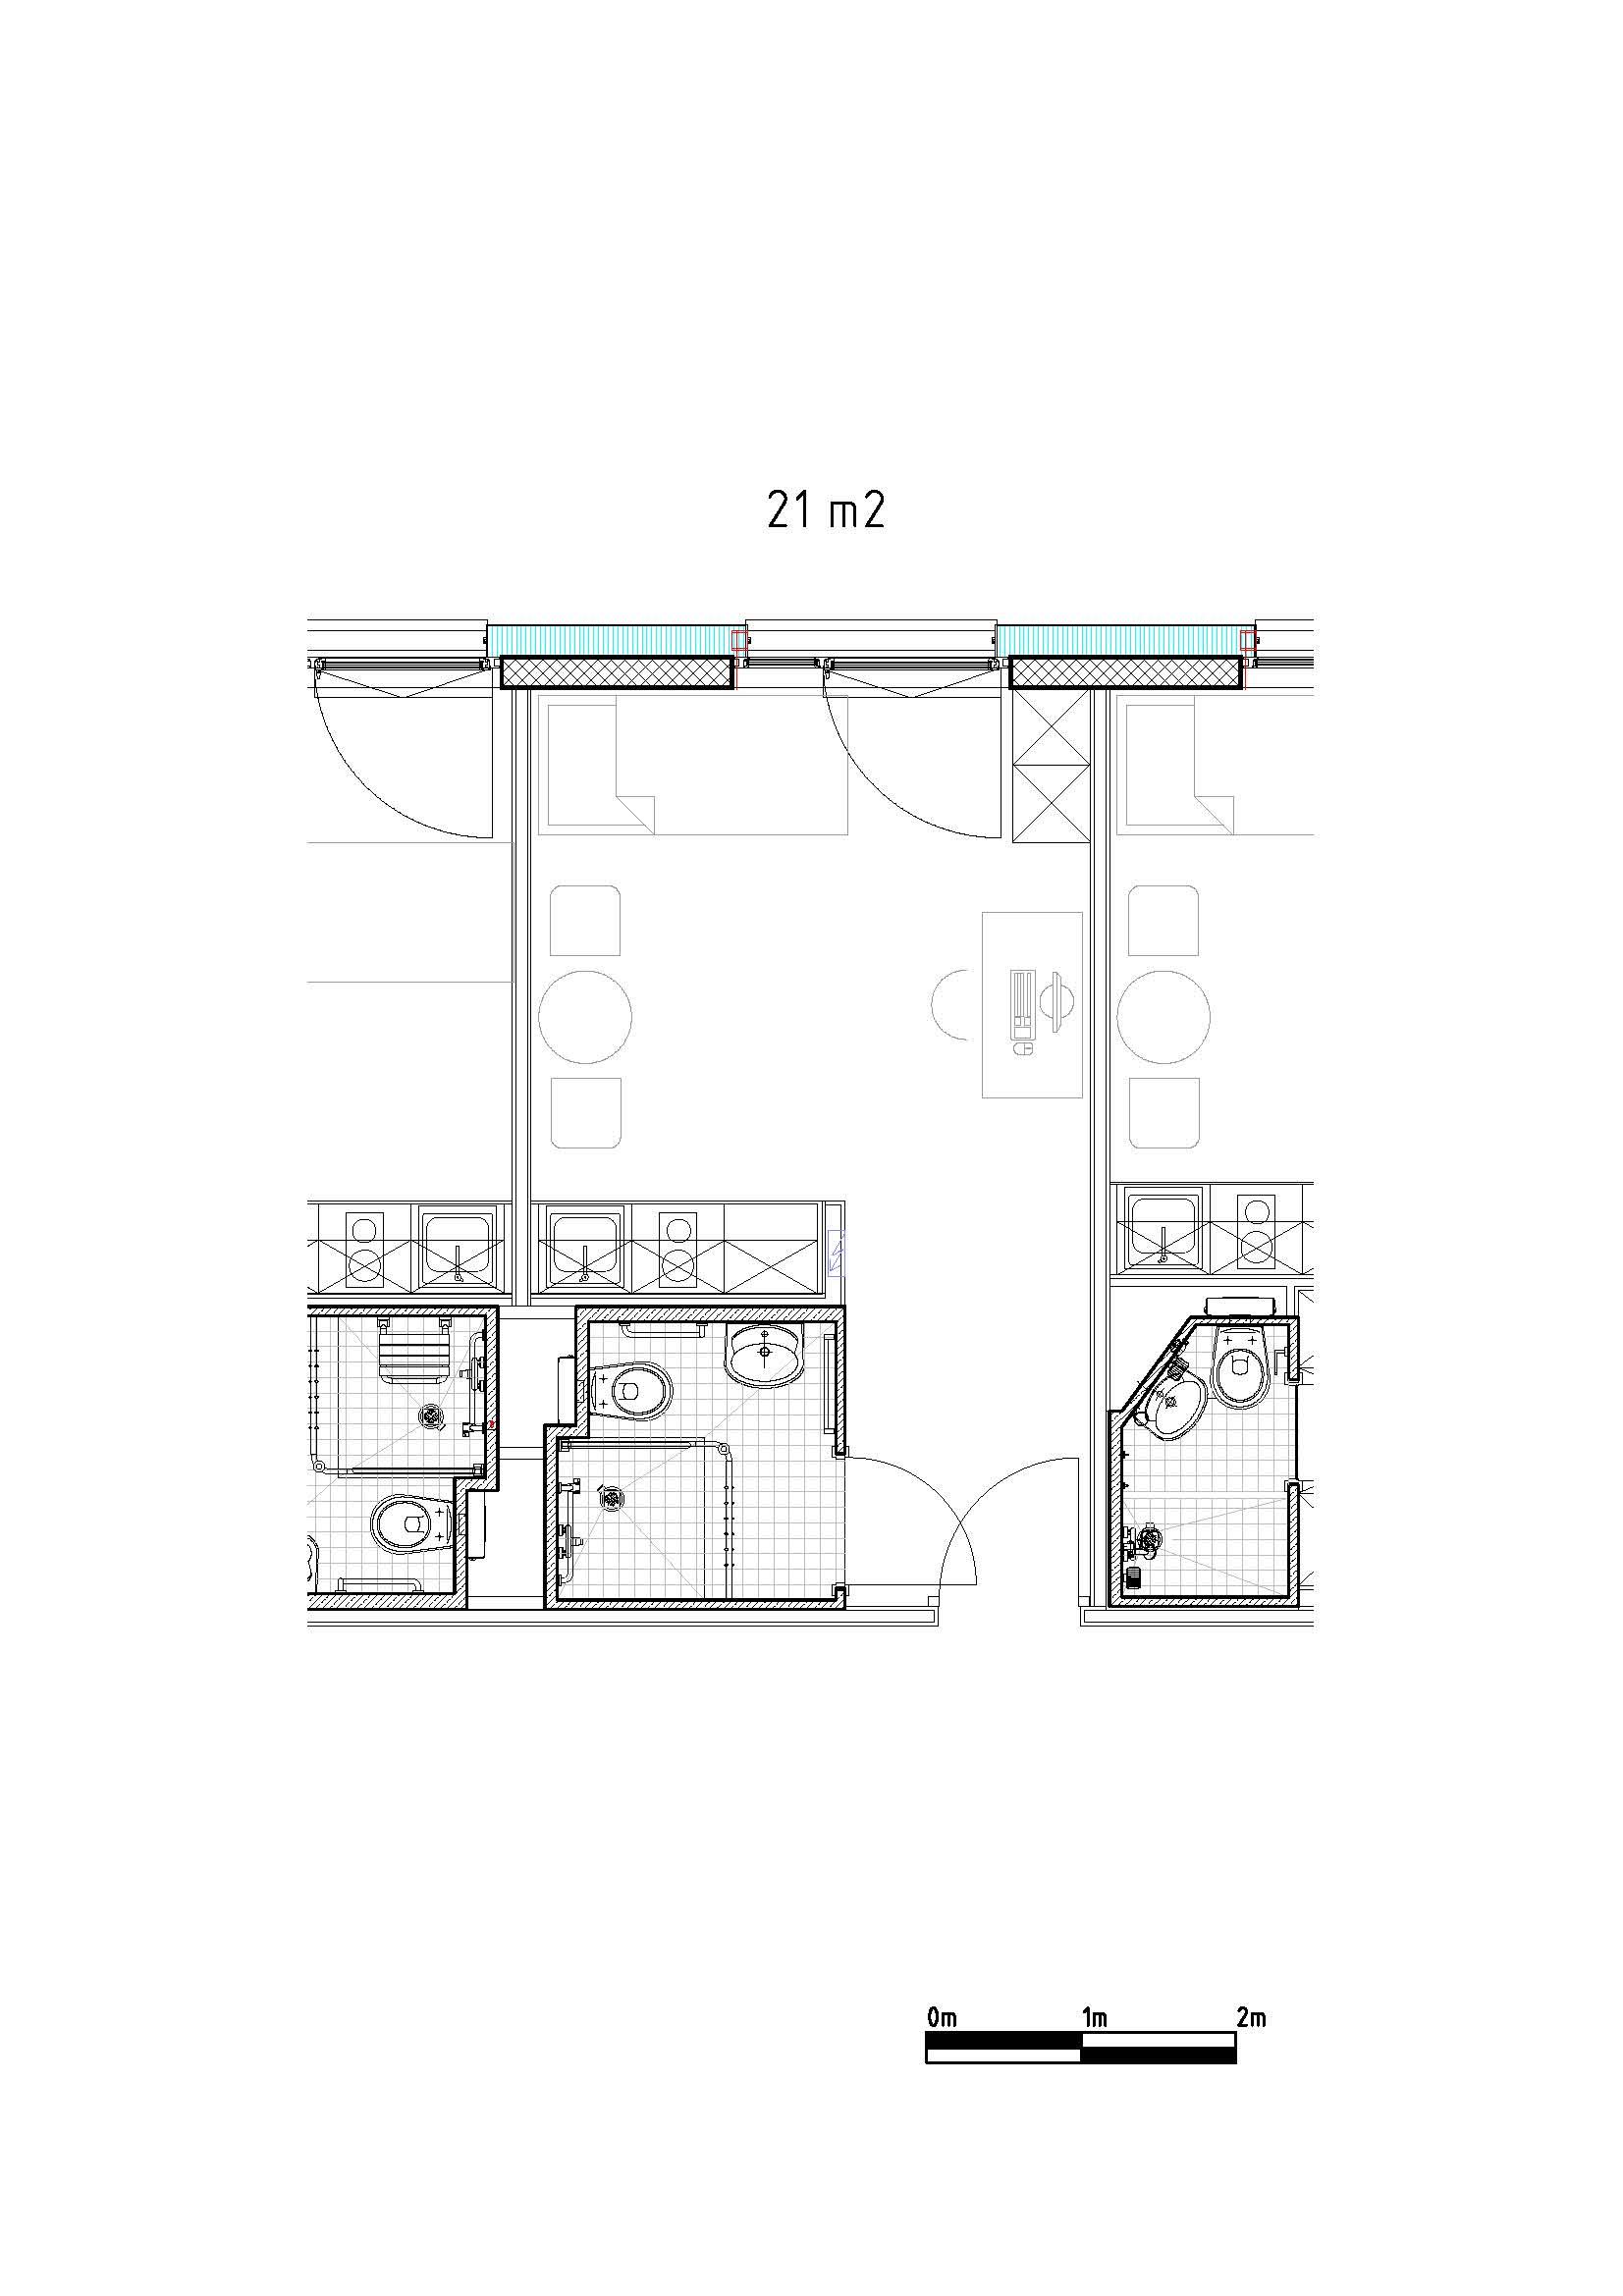 Haldimand plan studio 21m2